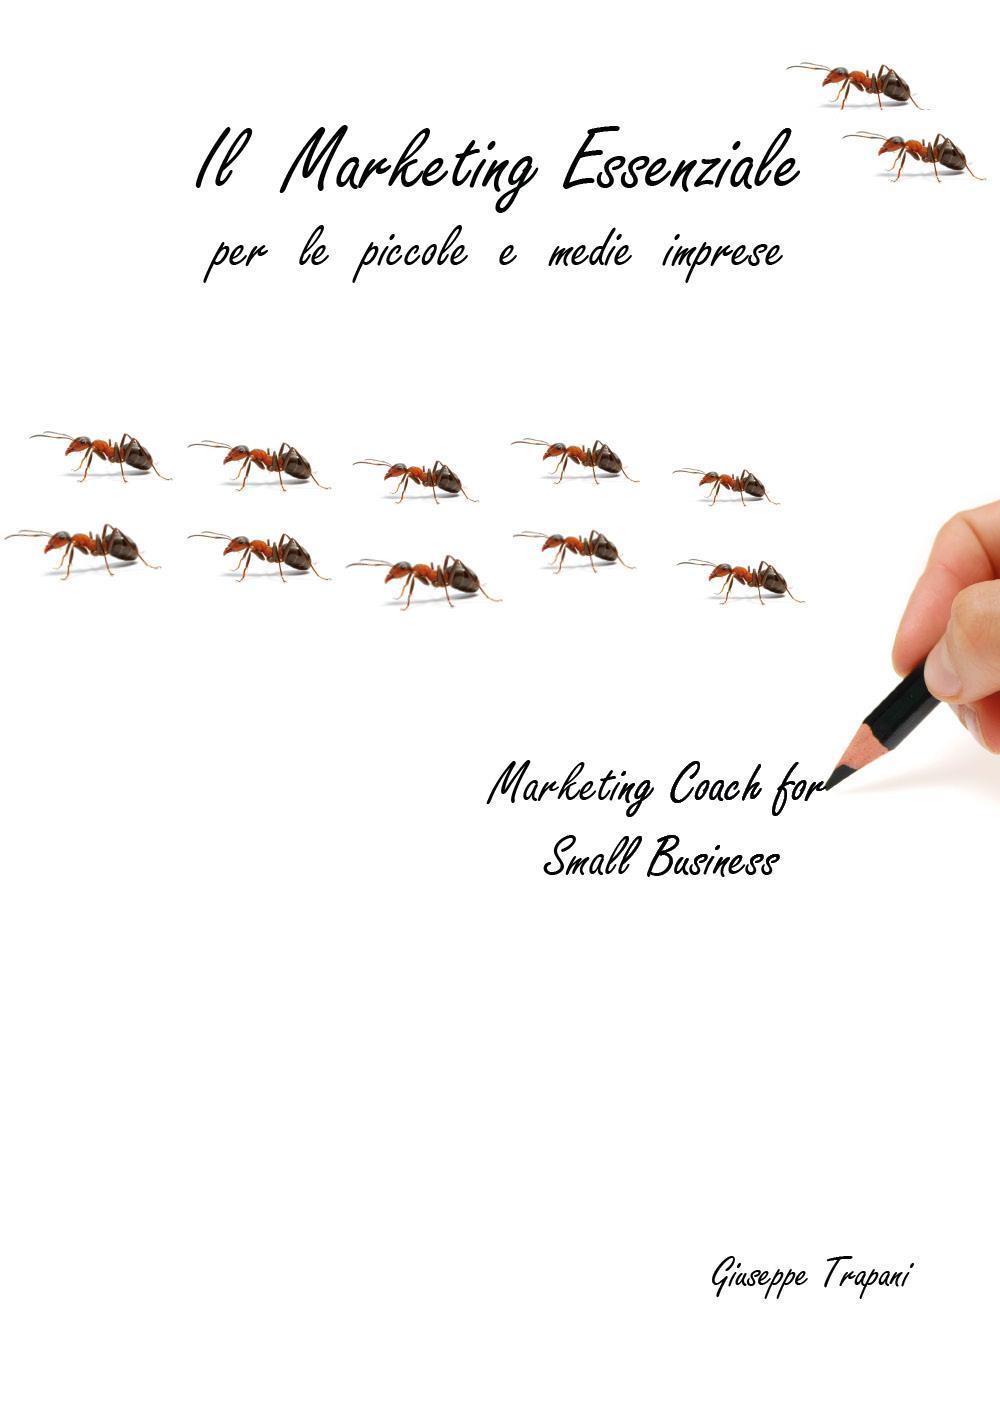 Il Marketing Essenziale per le piccole e medie imprese